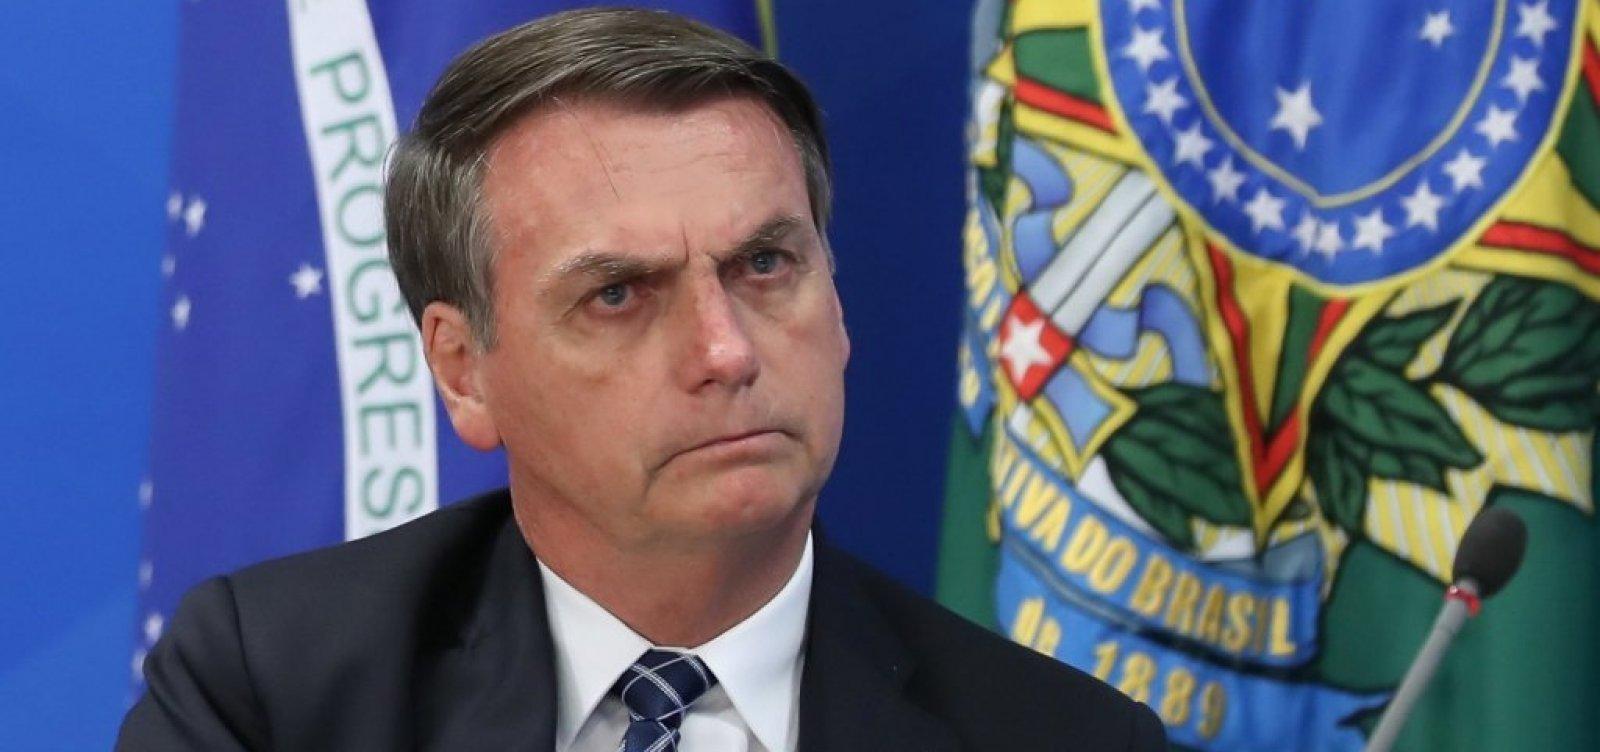 Oposição vai protocolar pedido coletivo de impeachment de Bolsonaro nos próximos dias